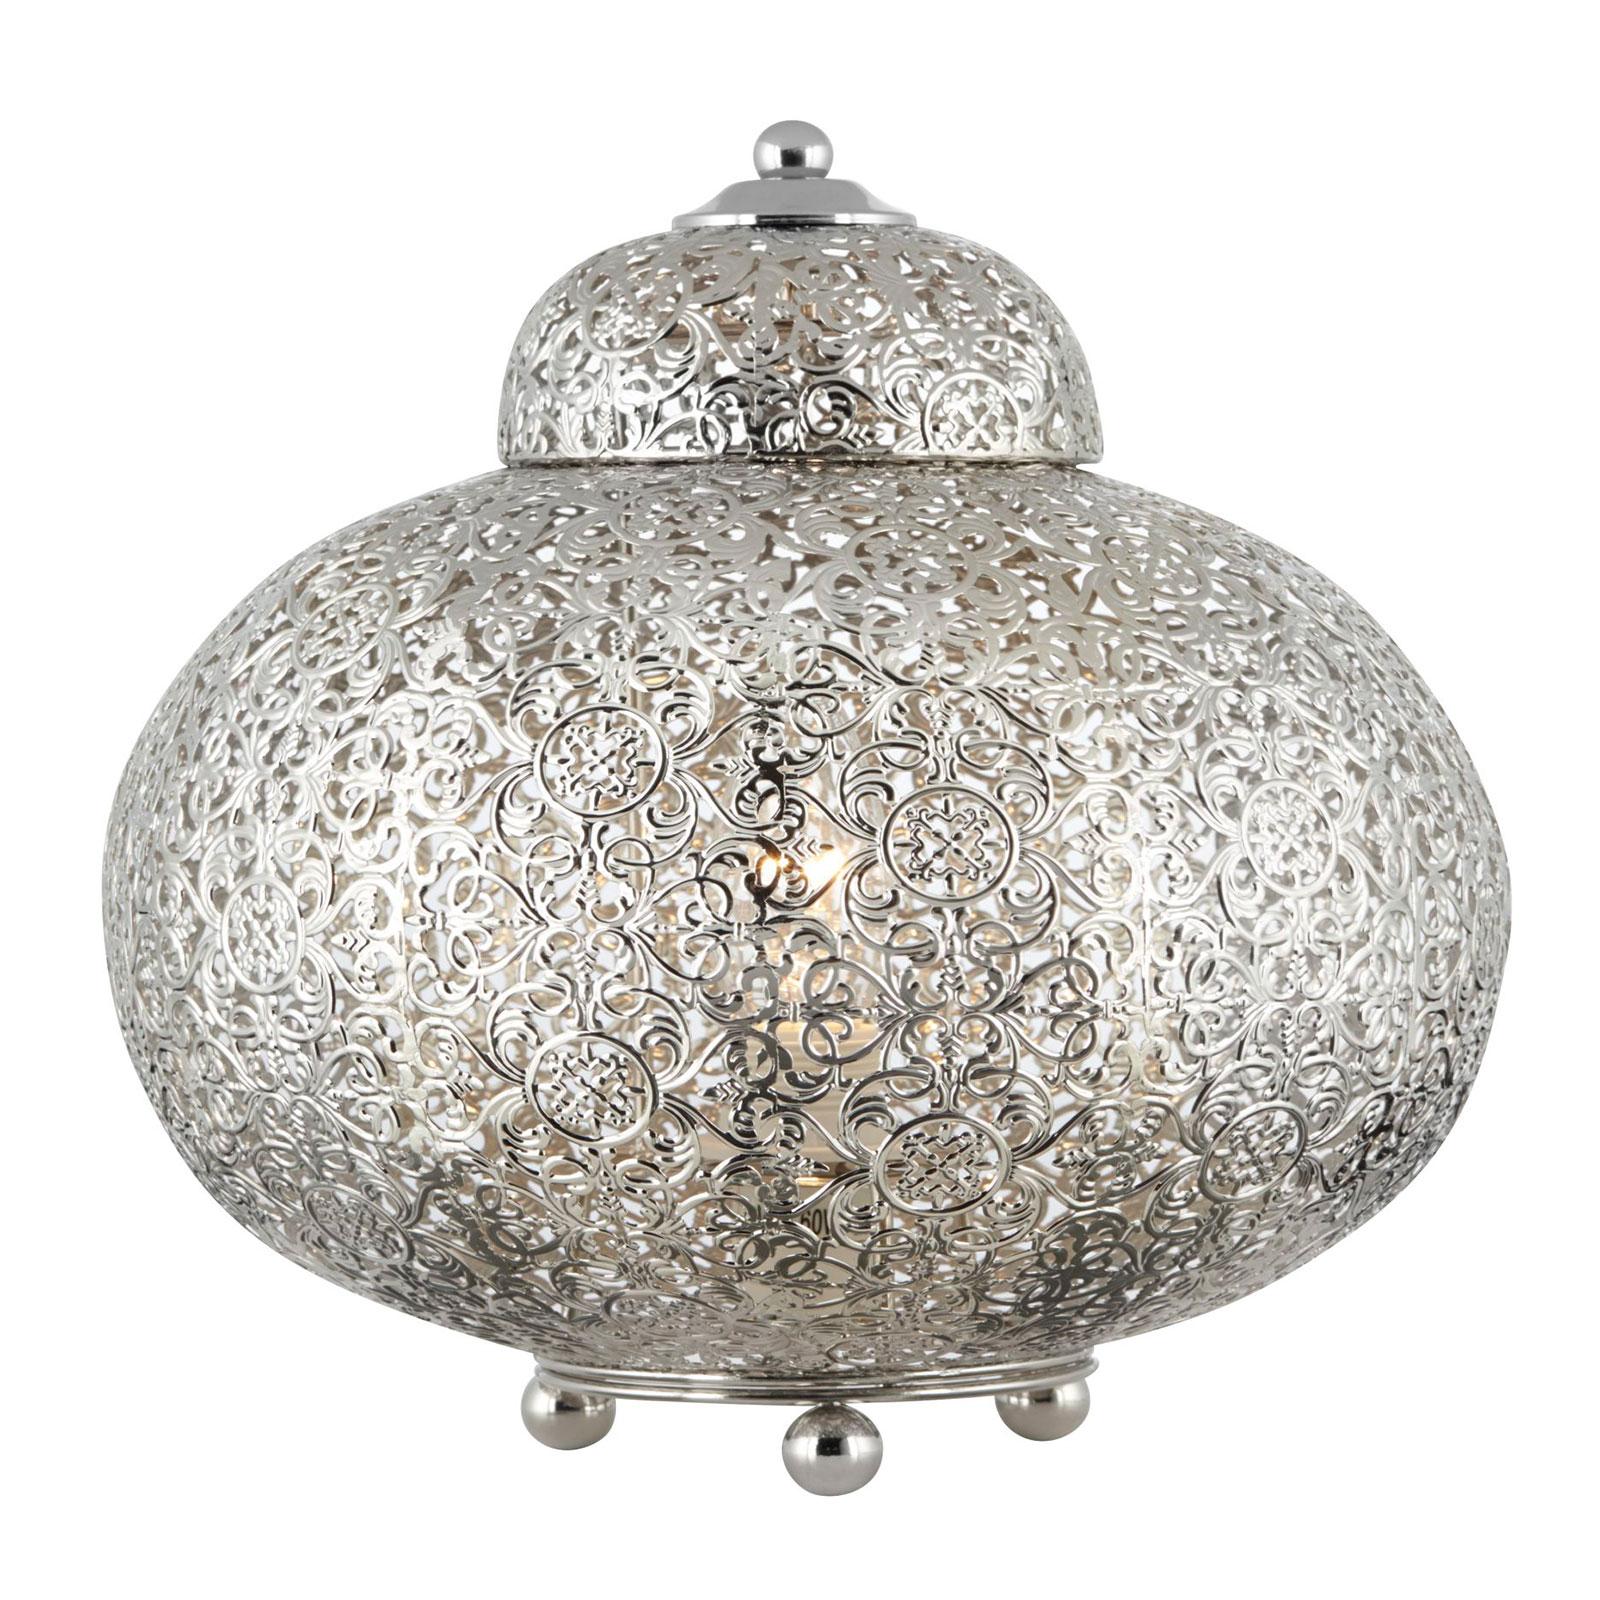 Lampa stołowa Moroccan Fretwork błyszczący nikiel